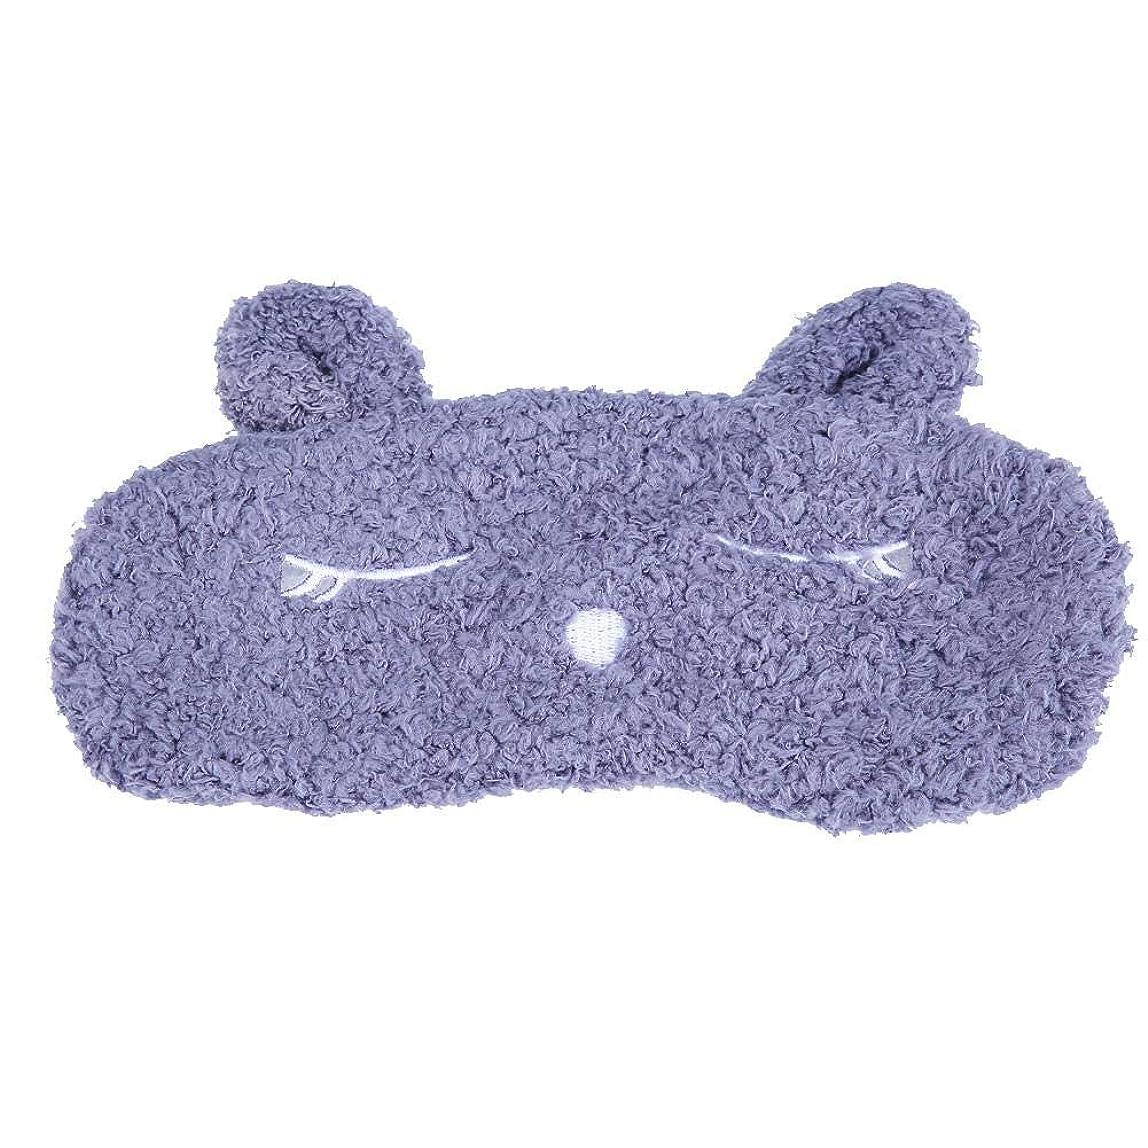 懐疑論娯楽簡単にNOTE アイカバー睡眠マスクアイパッチ旅行目隠しシールド睡眠補助用品睡眠ケア